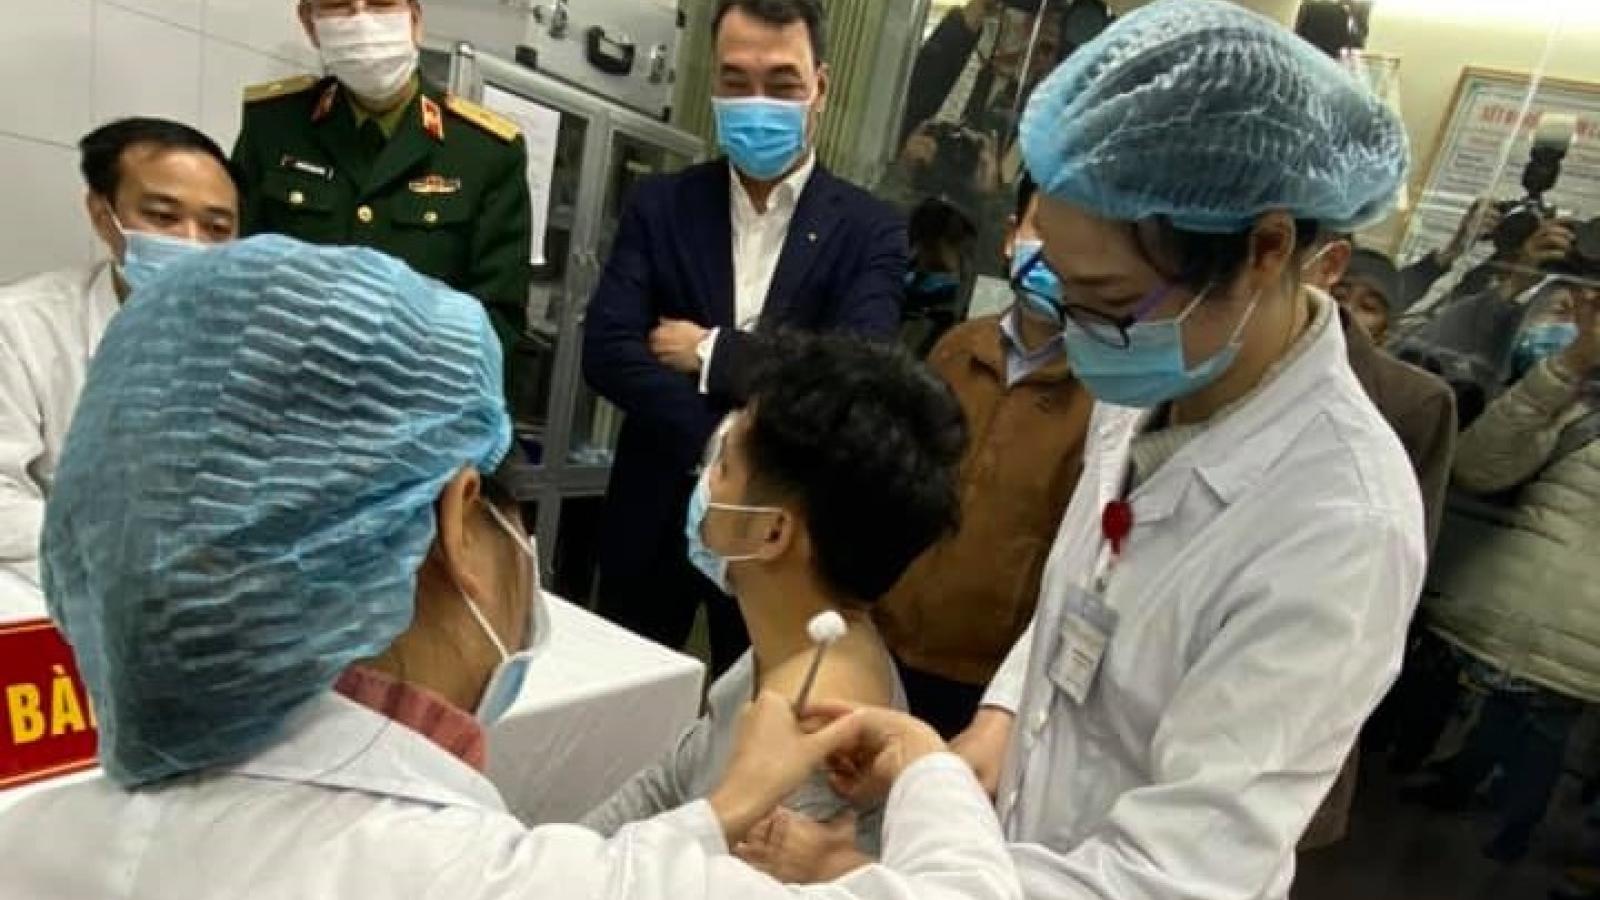 Hôm nay, 3tình nguyện viên đầu tiên nhóm 1 tiêm liều Nanocovax 25 mcg thứ hai